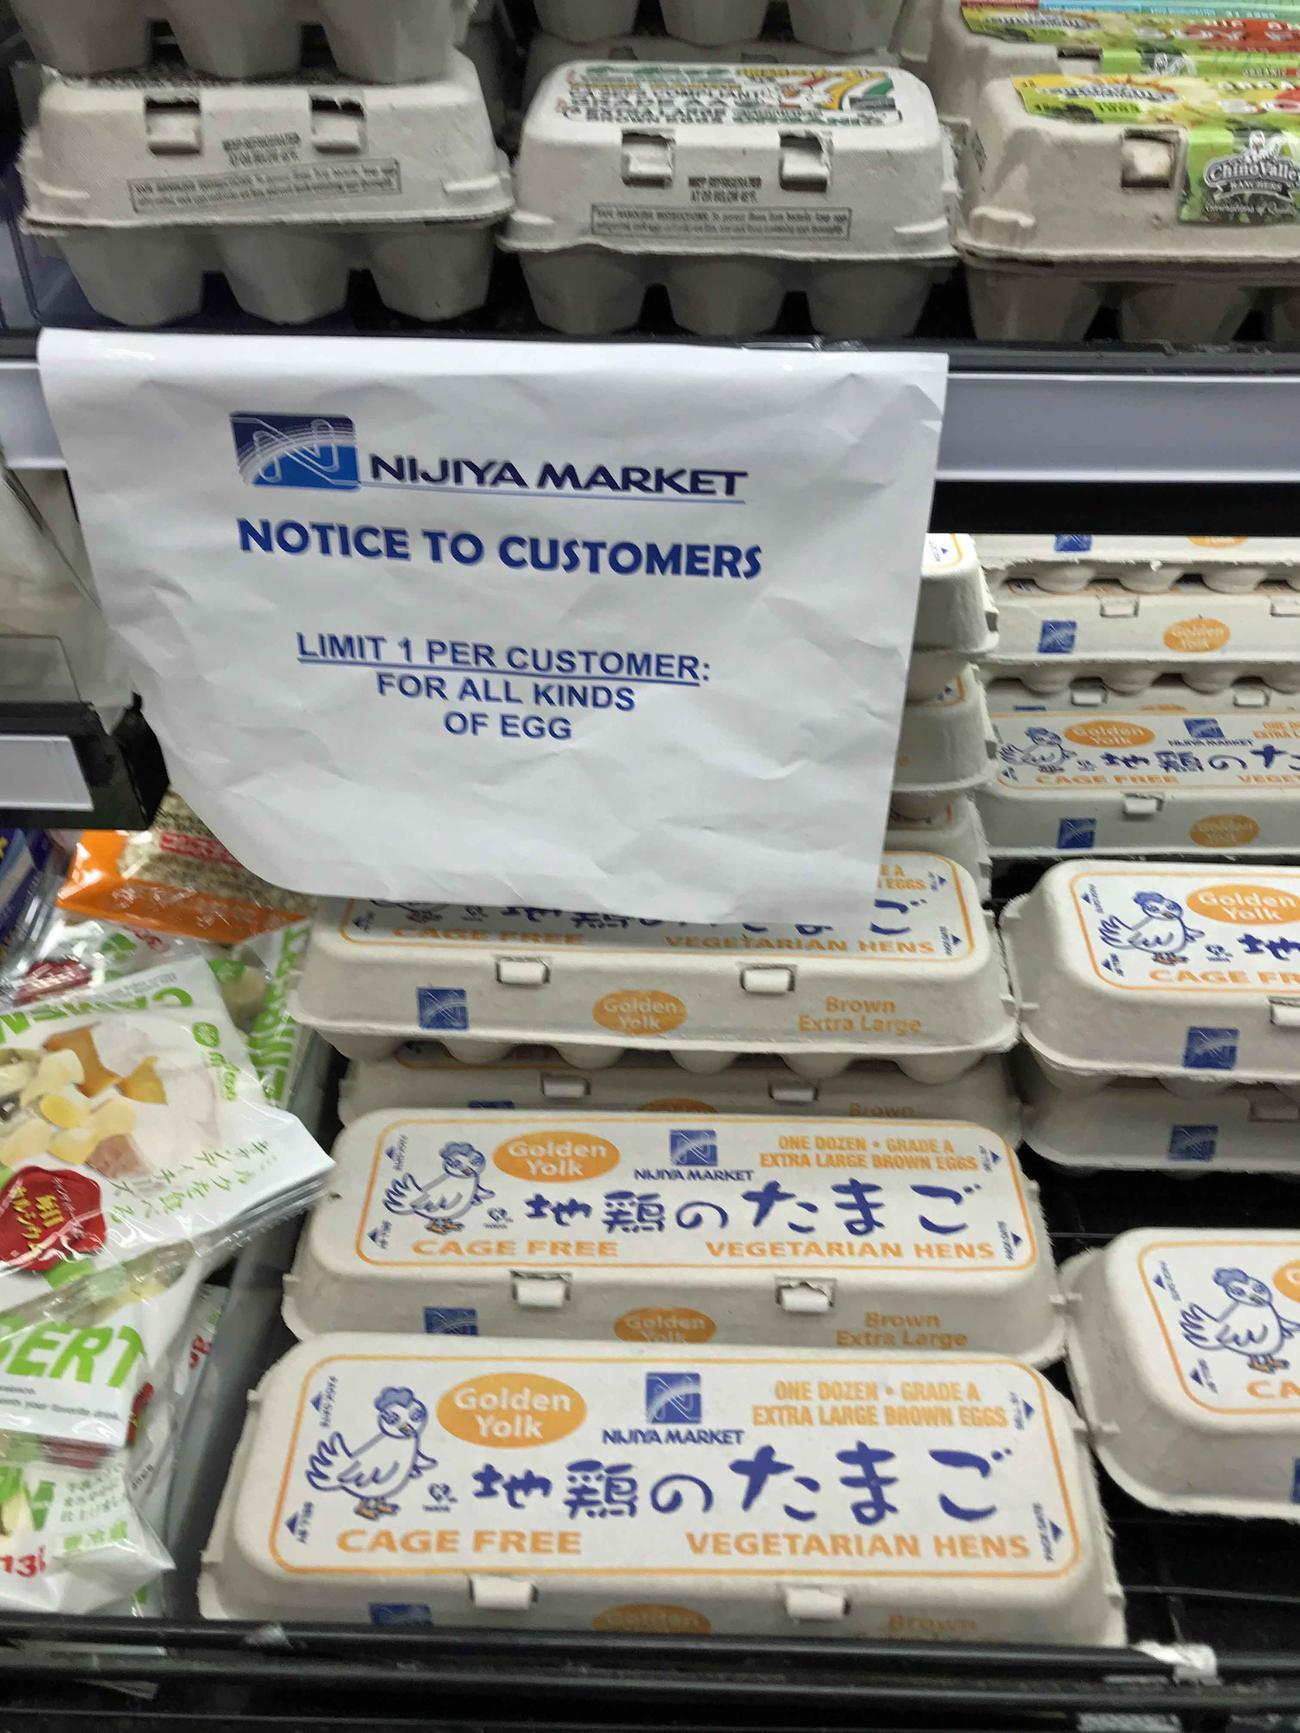 日系マーケットでは卵は手に入るが、購入は1人1ケースに制限されている